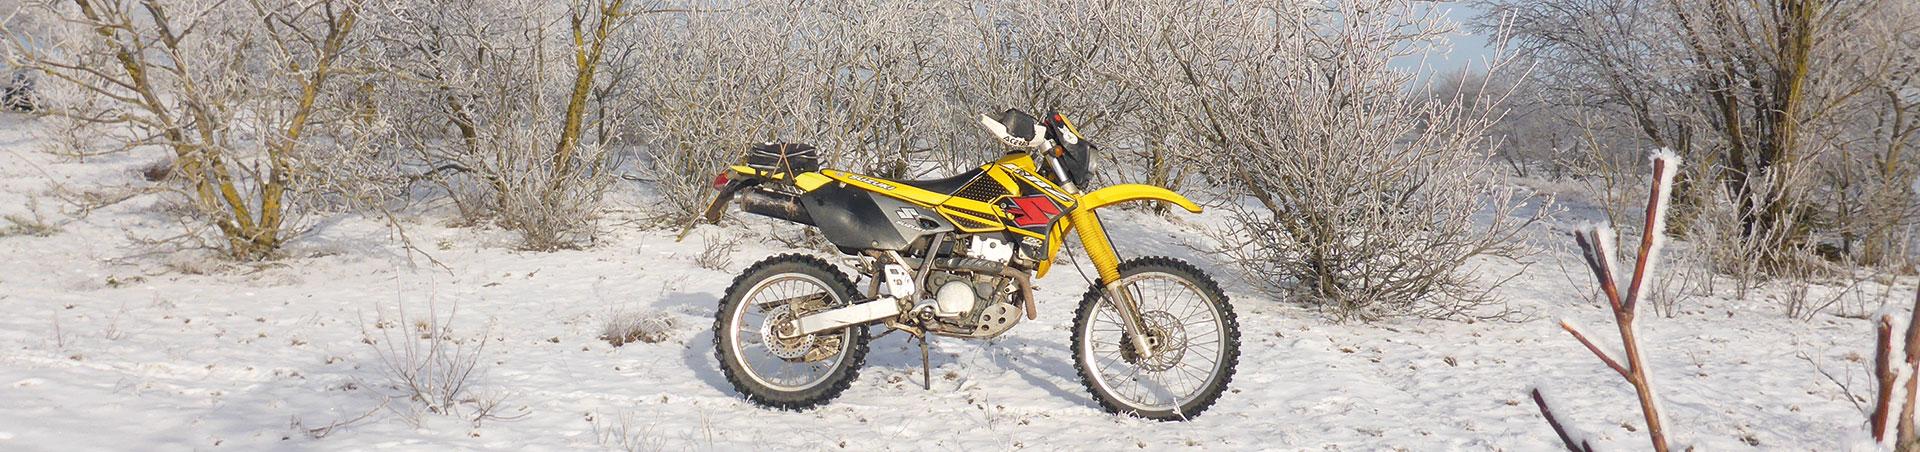 Titelbild-Suzuki-DR-Z-400S_04-11-2020_32032